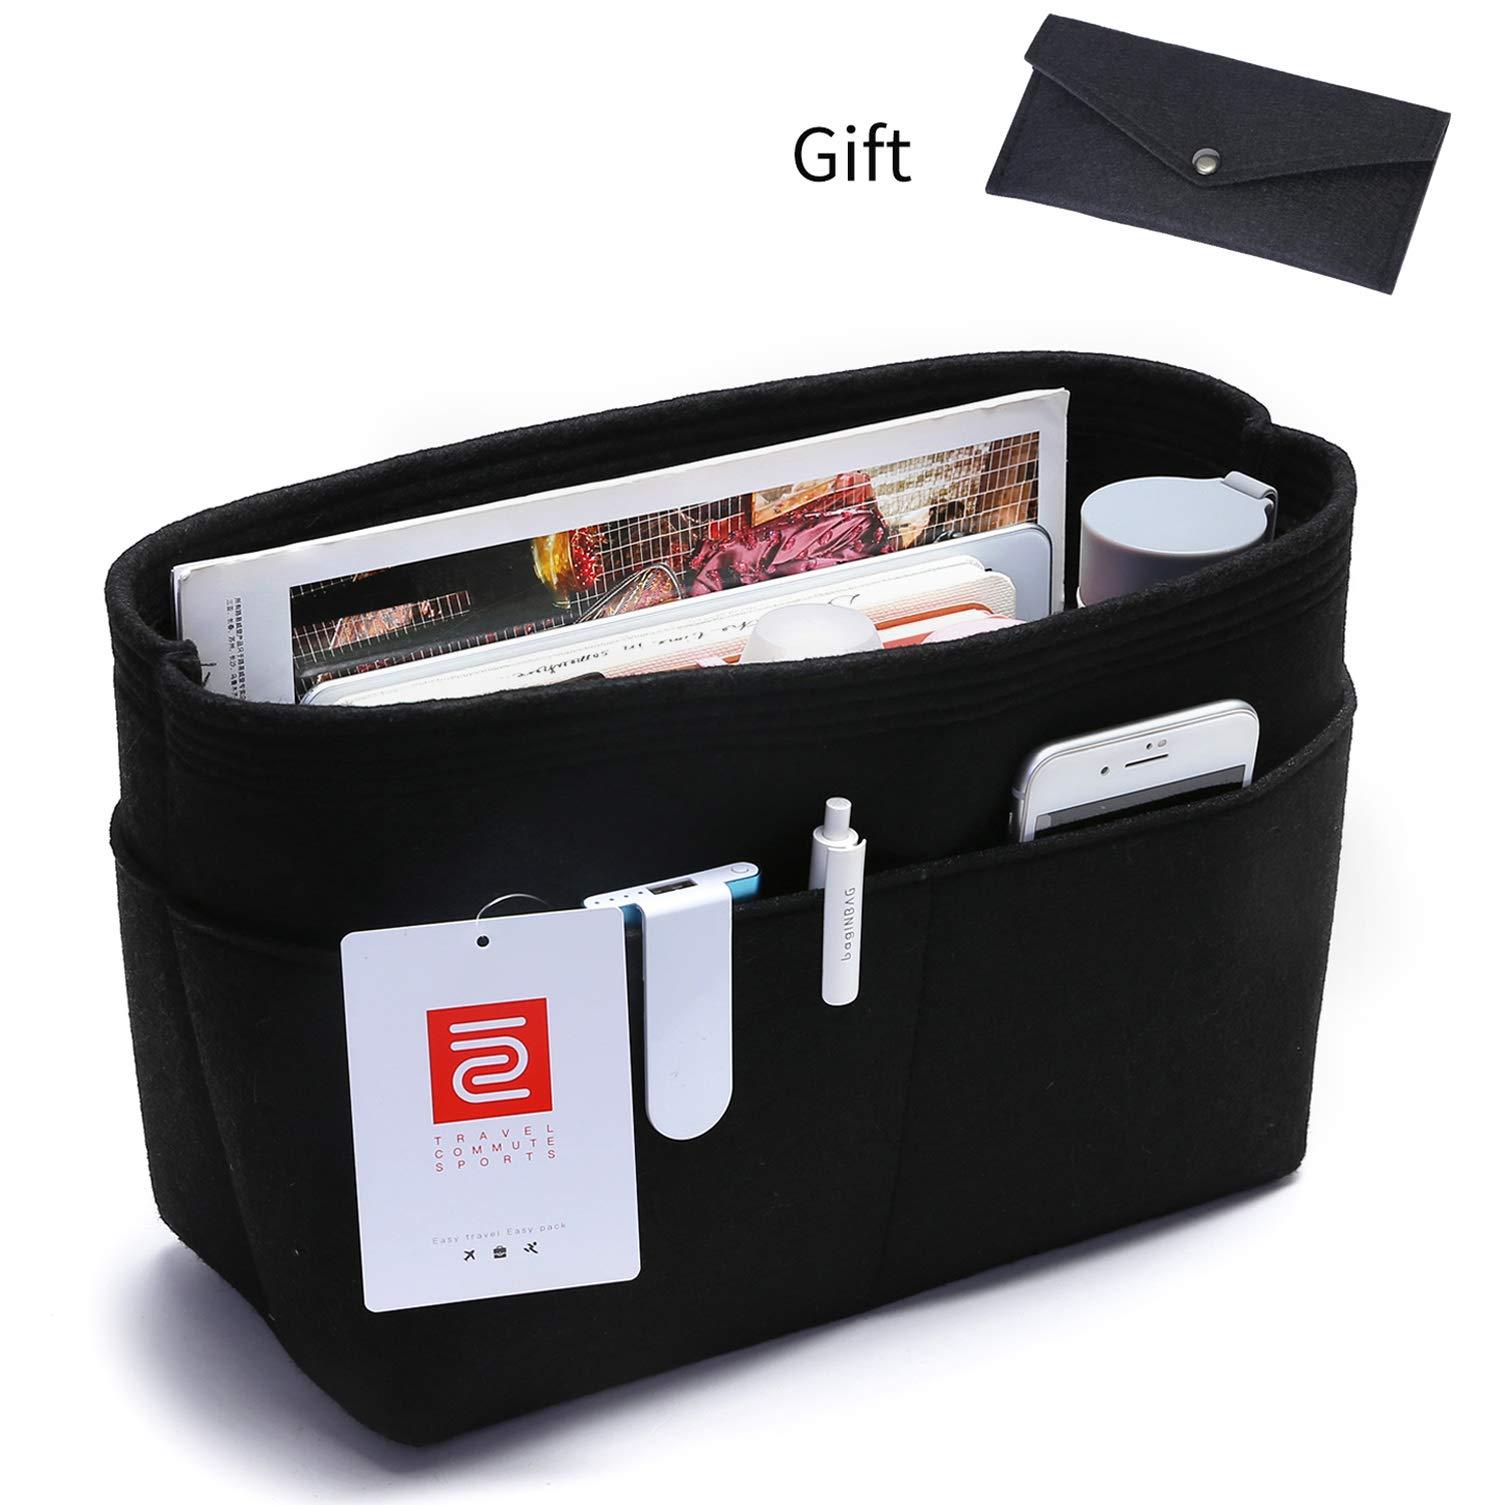 IN Felt Purse Organizer,Handbag Organizer Insert for neverfull Tote bag Medium Multi-Pocket Purse Liner Bag Divider Shaper Black,Grey (Medium: Fit LV Neverfull Medium, Black)